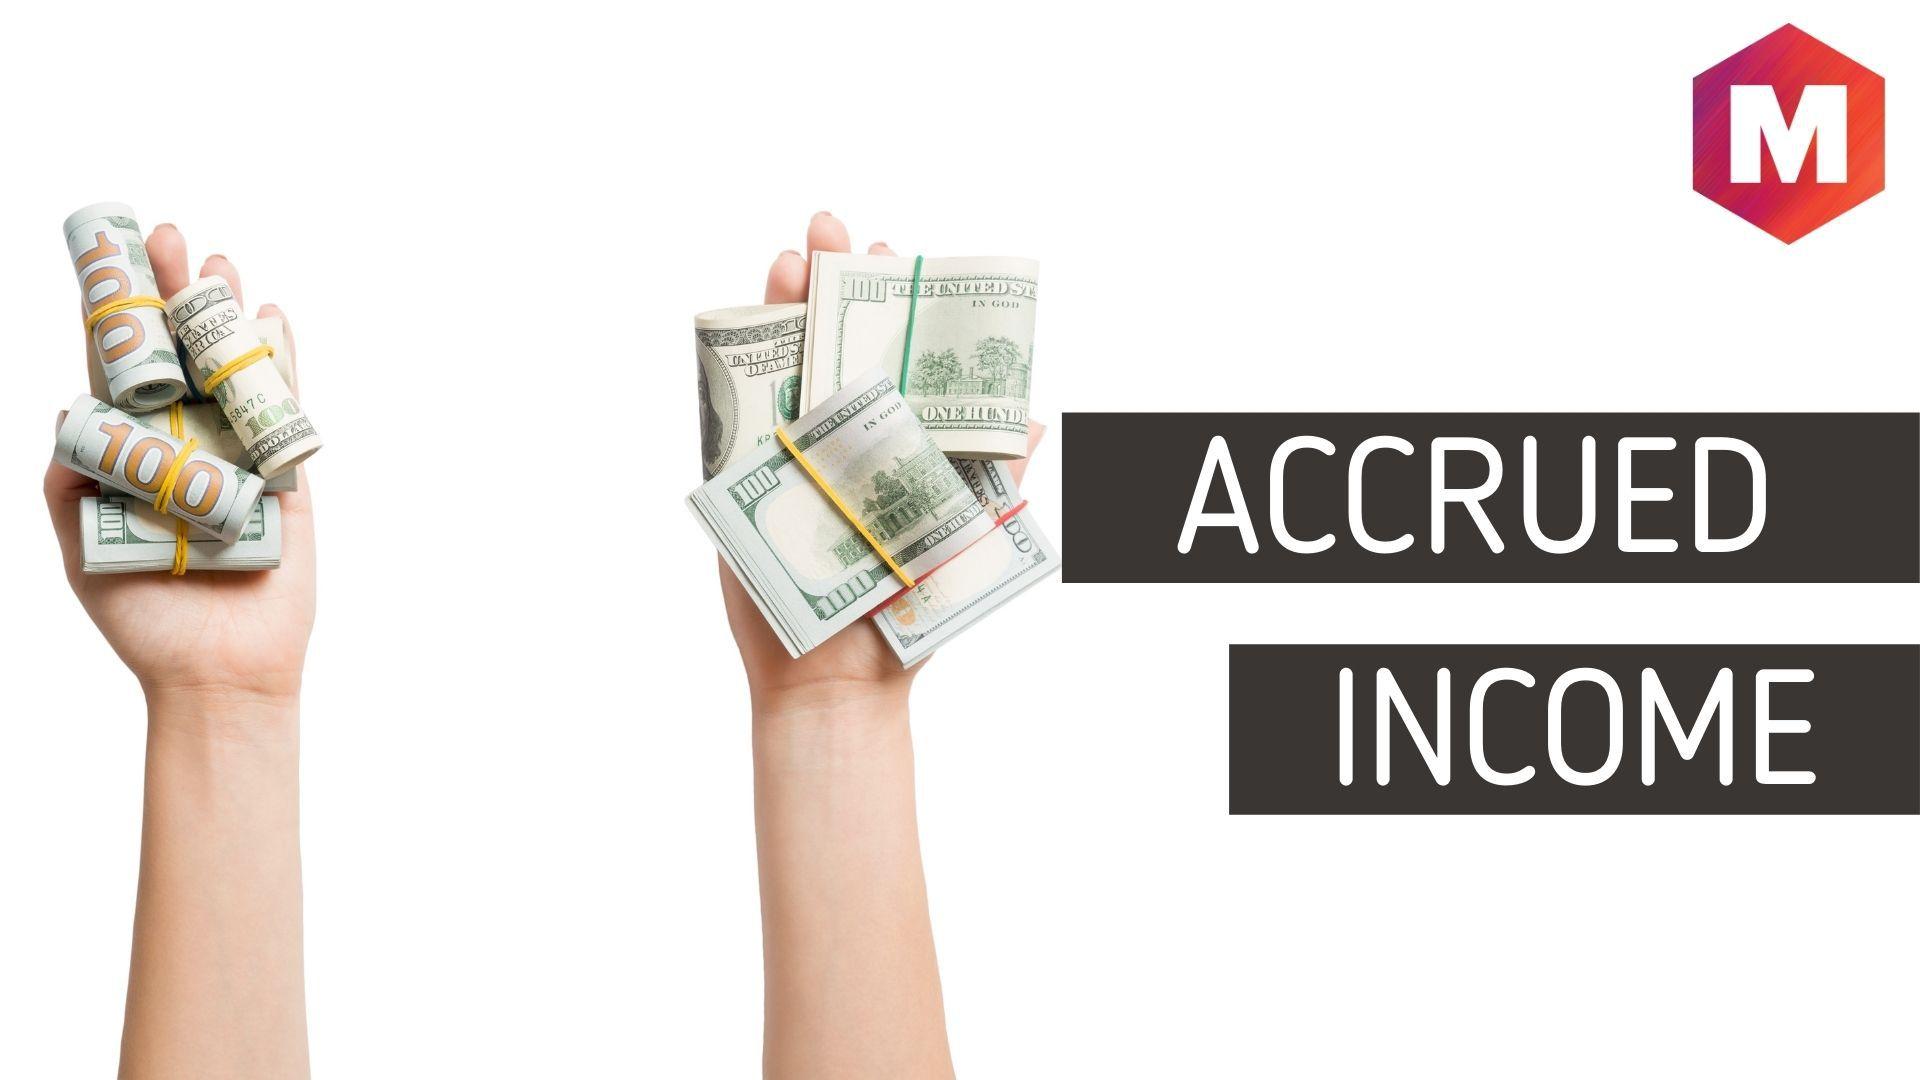 Accrued Income